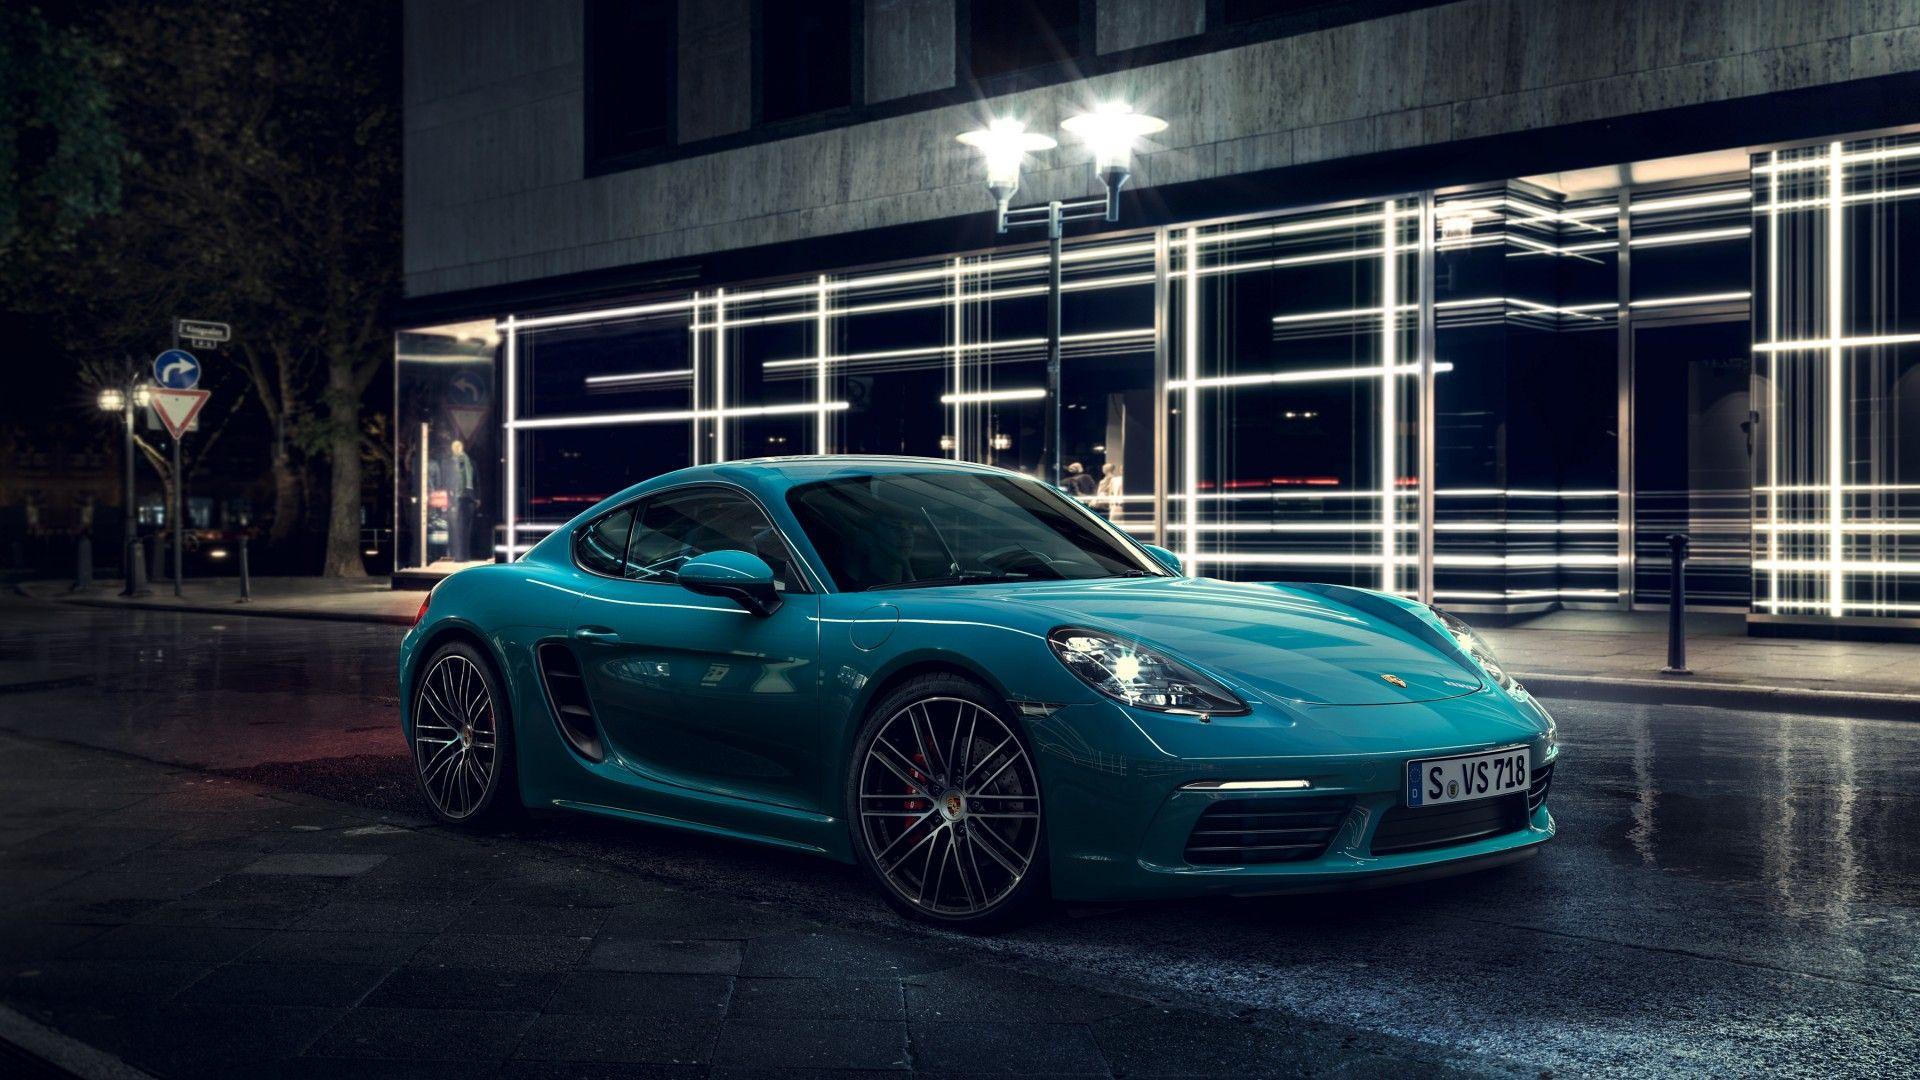 Porsche Cayman S Porsche Cayman S Sports Car Wallpaper Cayman S